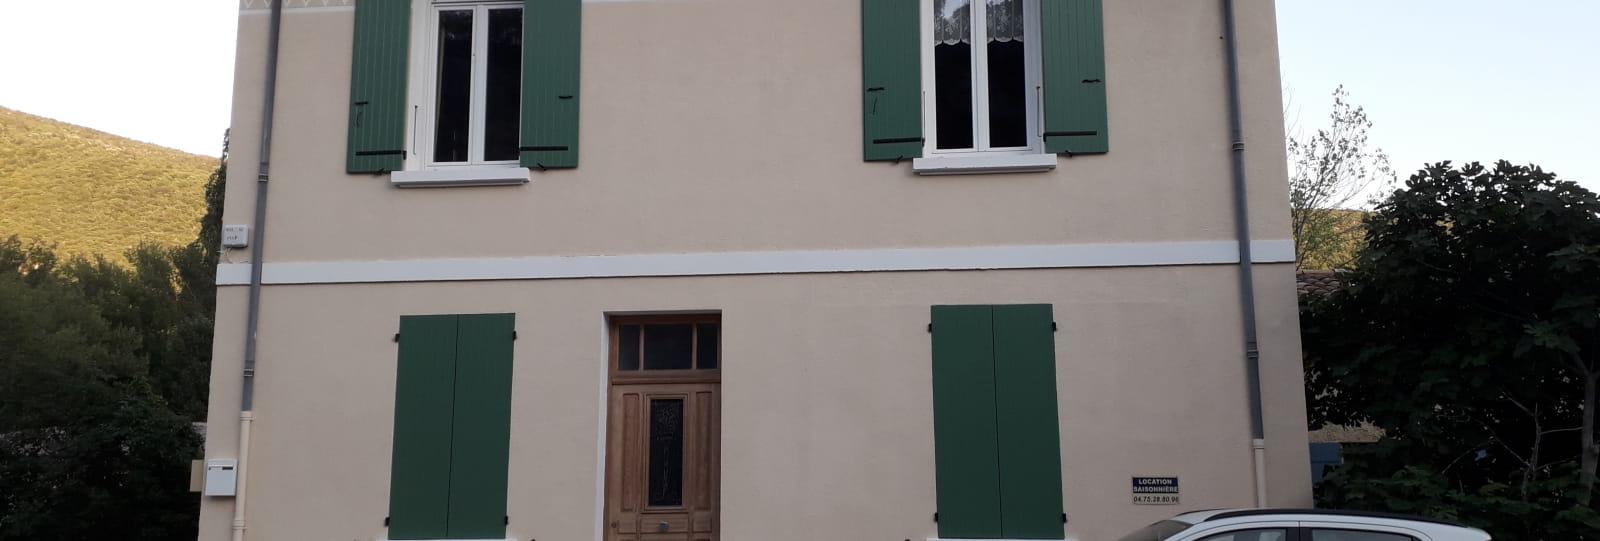 Maison Astaud